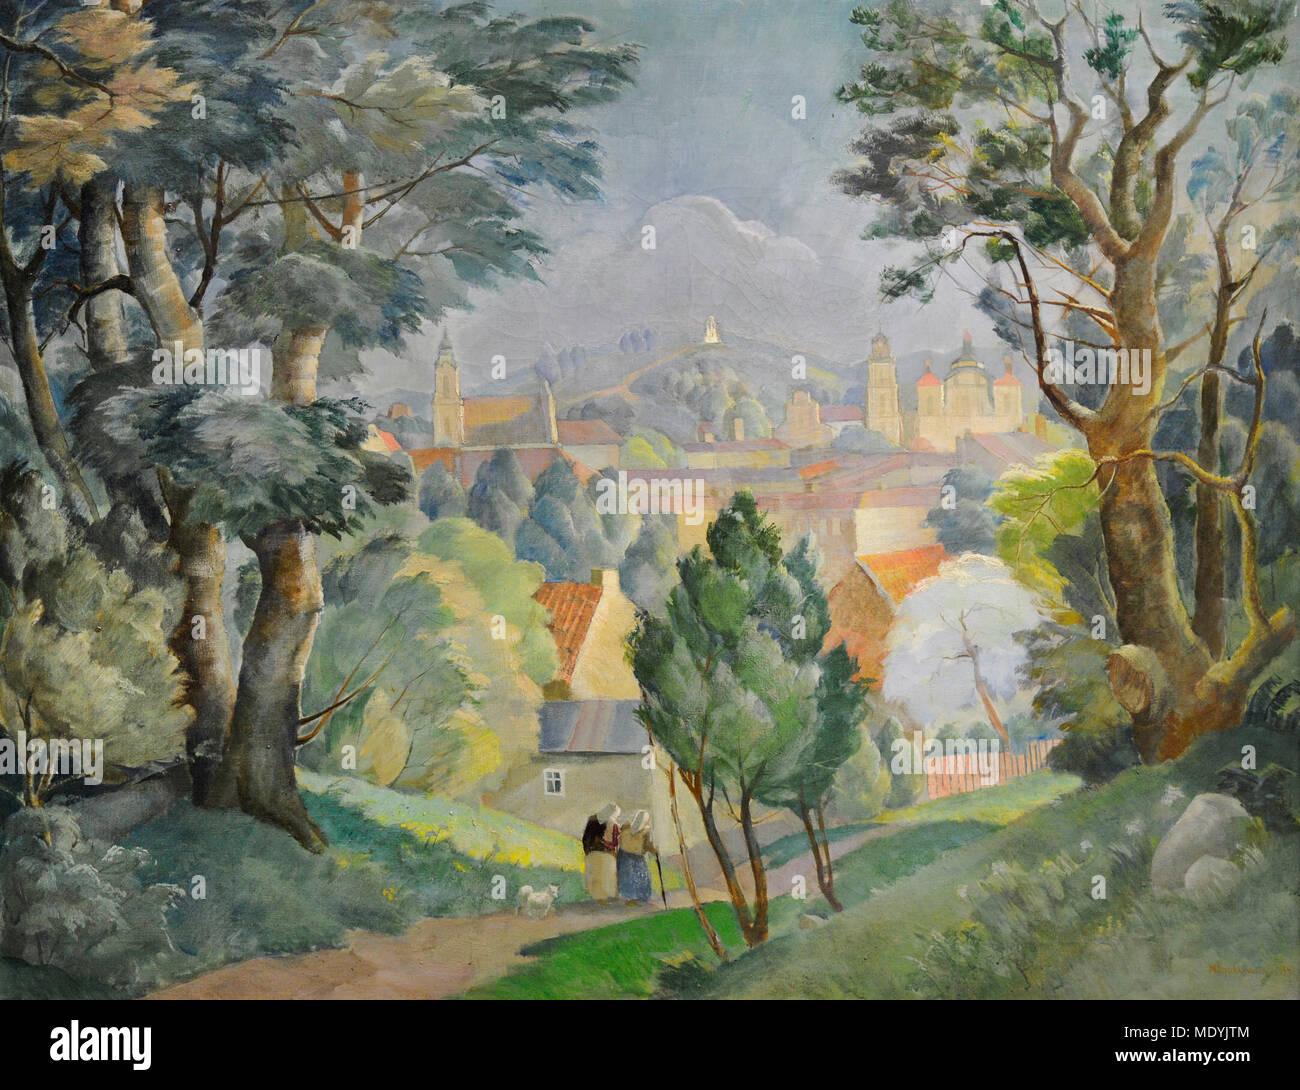 Michal Rouba (1893-1941). Polnische Maler. Panorama von Vilnius von Tauras Hill, 1934. National Gallery Kunst Vilnius, Litauen. Stockbild